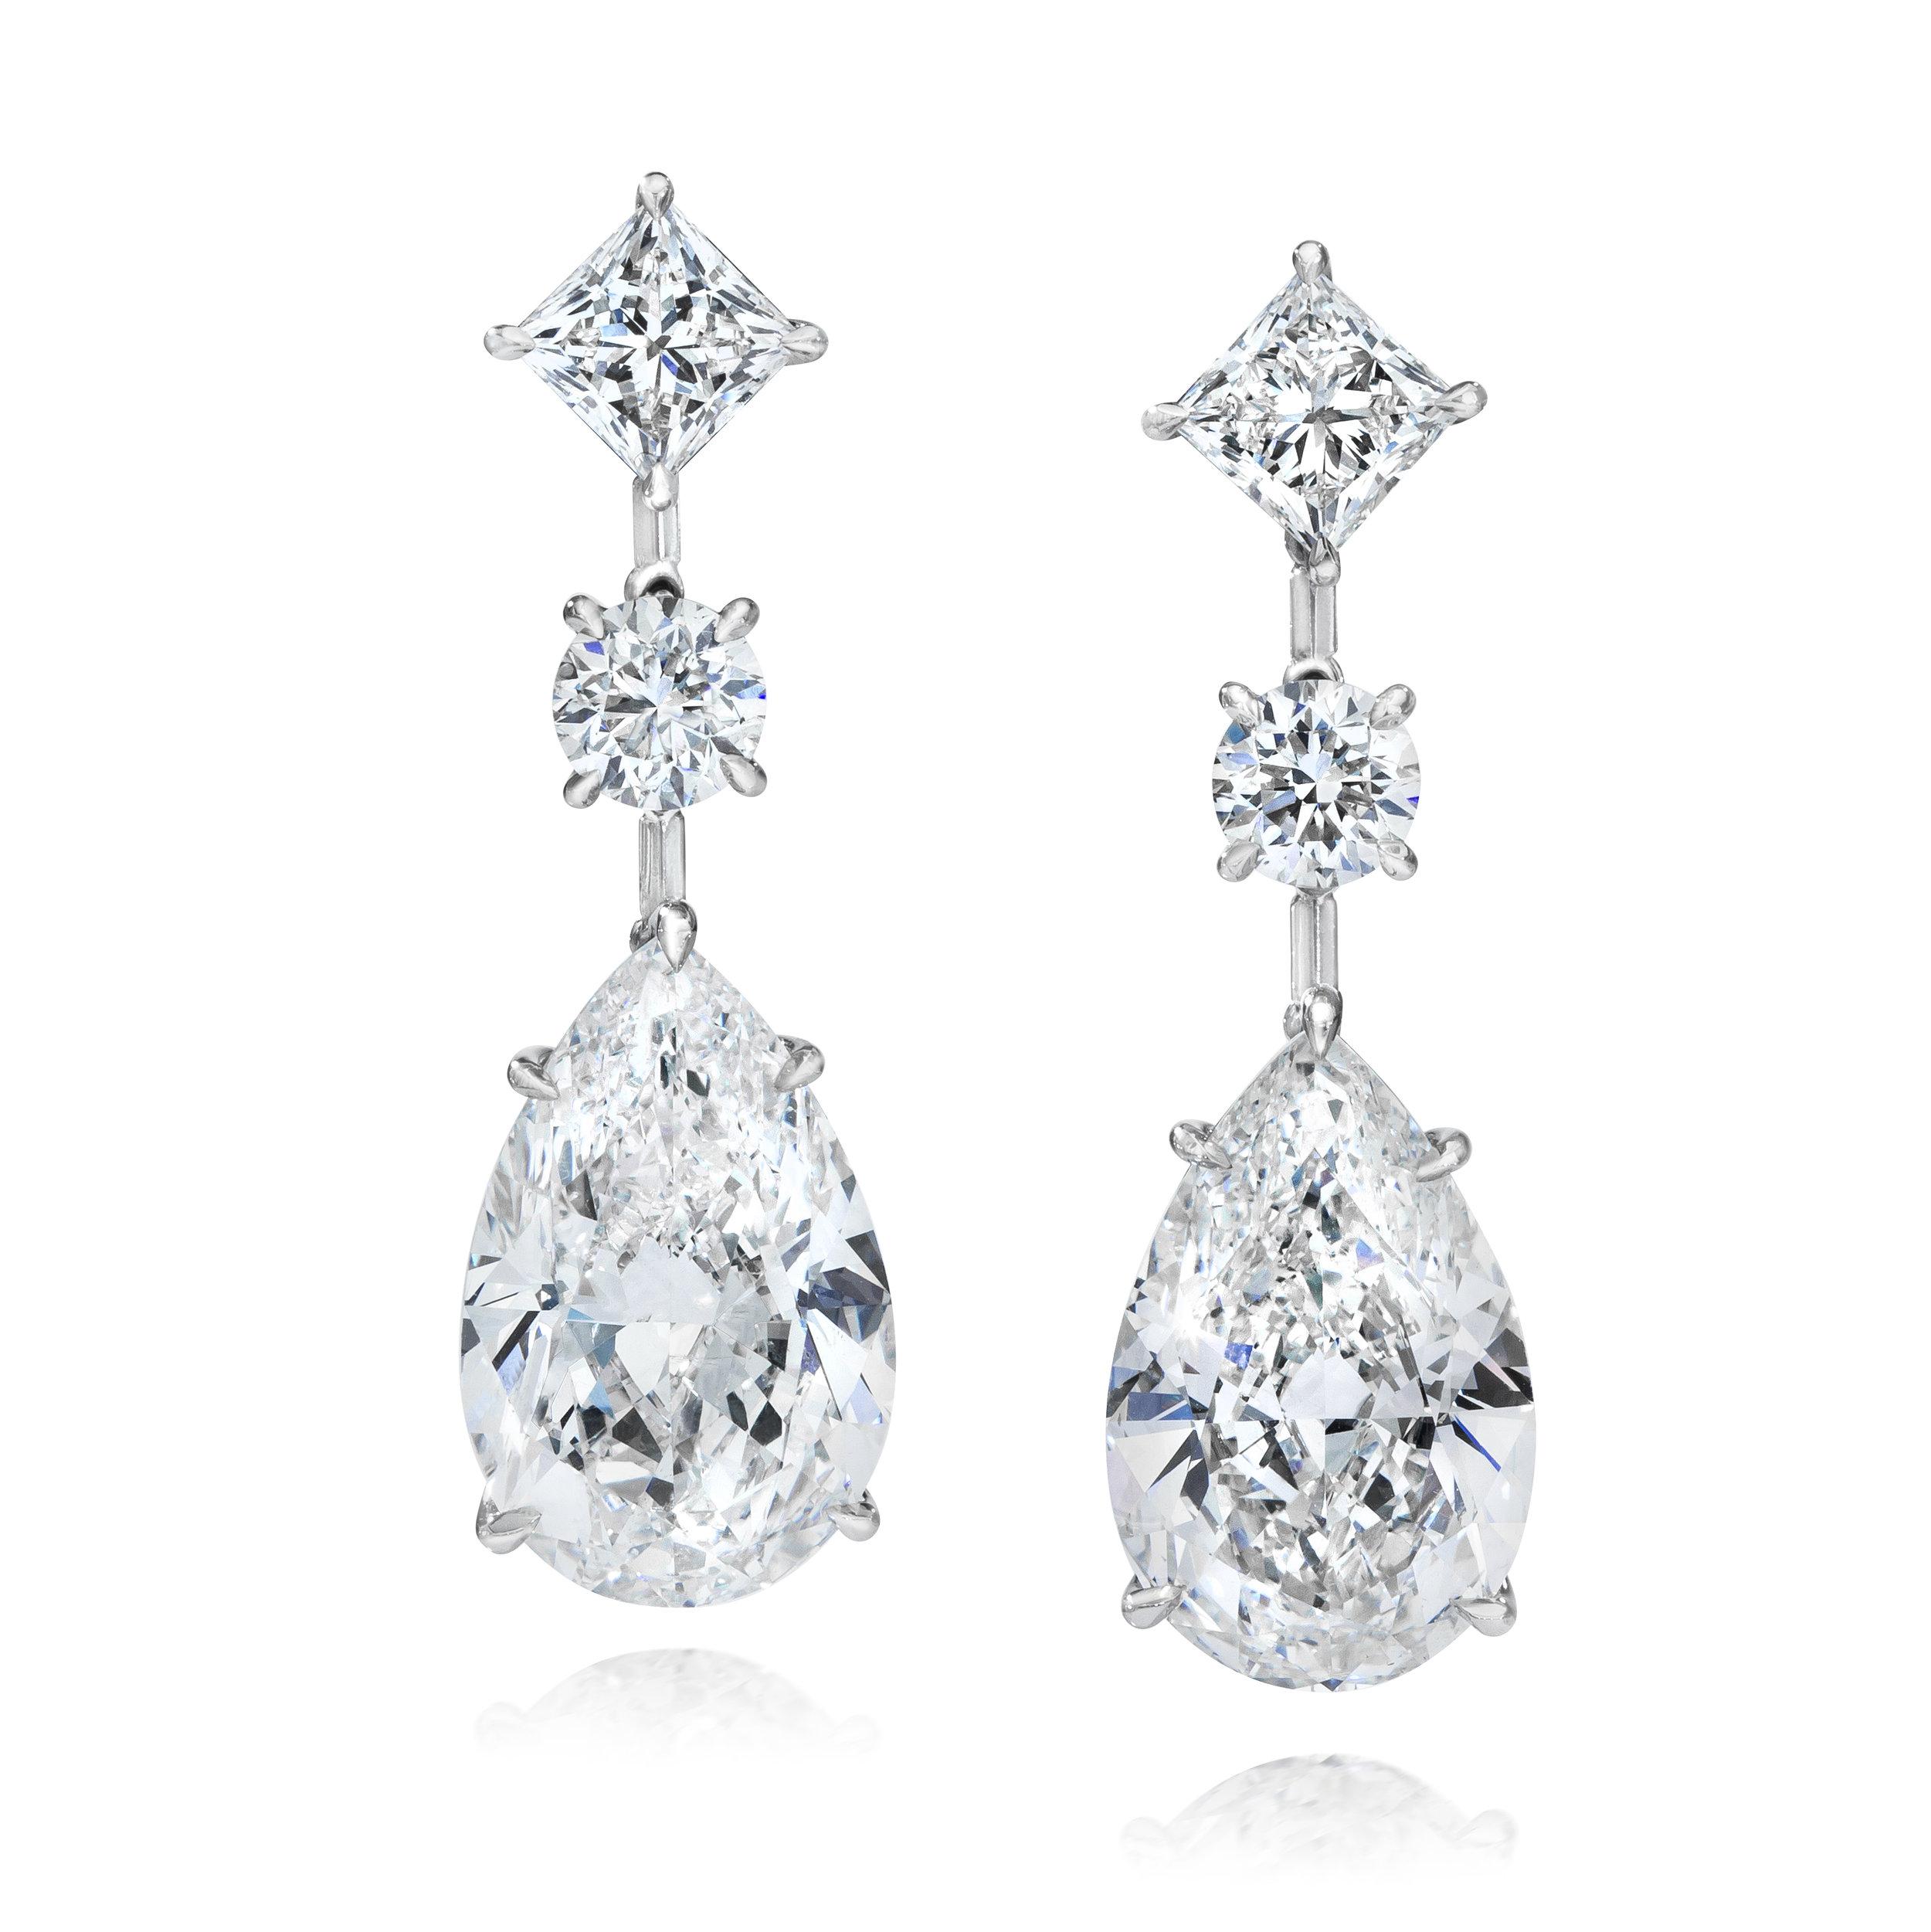 DEAR1139 Pear Cut Diamond Earrings.jpg